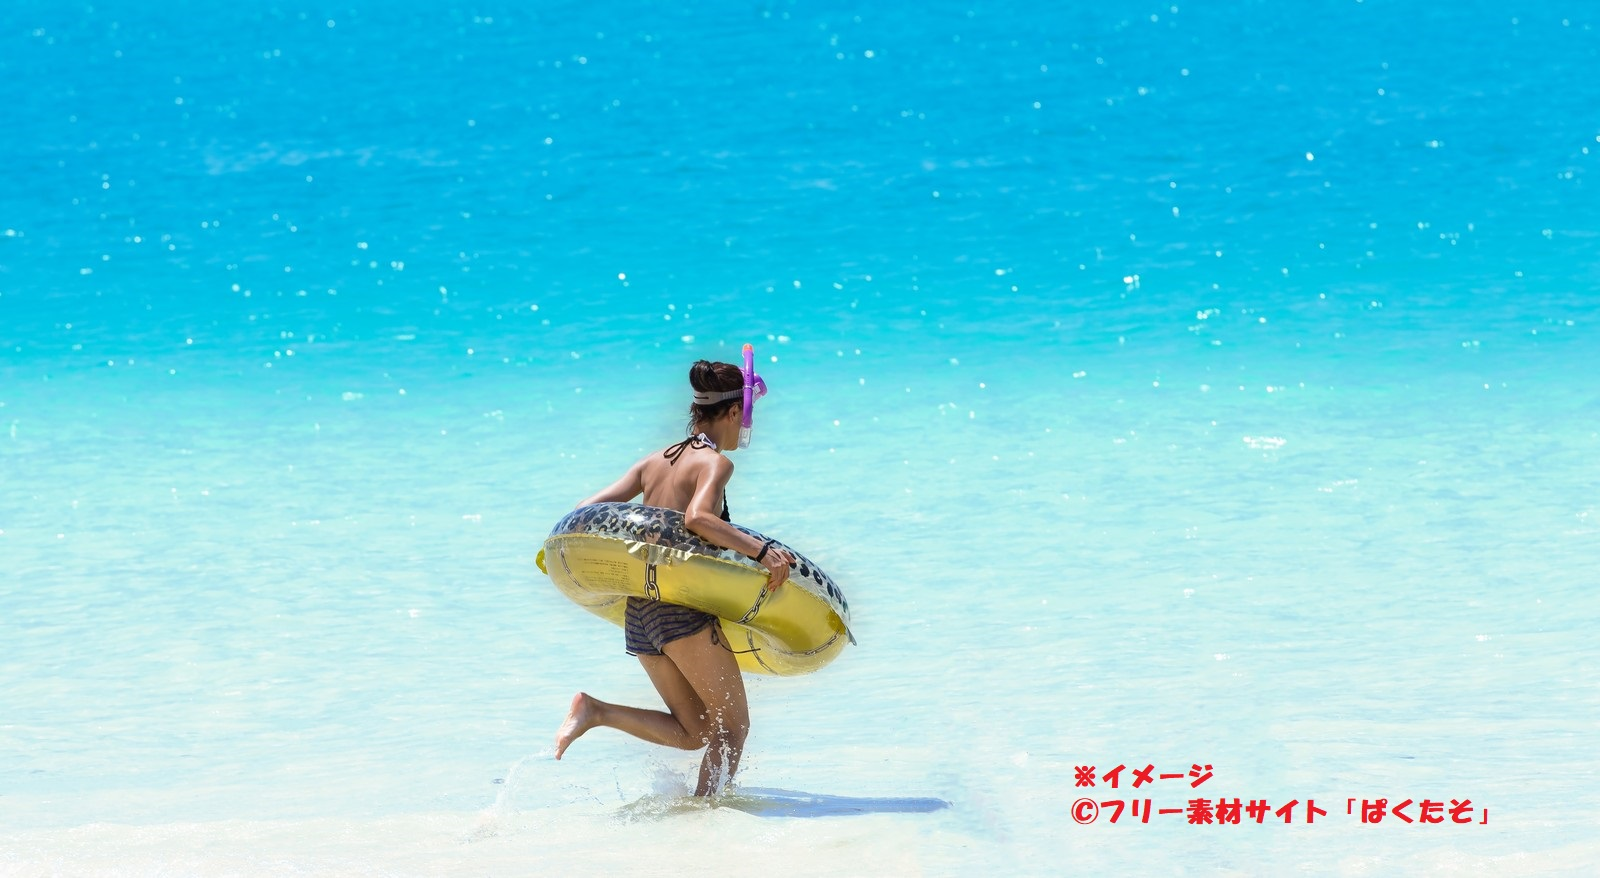 自然レクリエーション村(熊野海水浴場)-離島地区- 種子島 イメージ画像